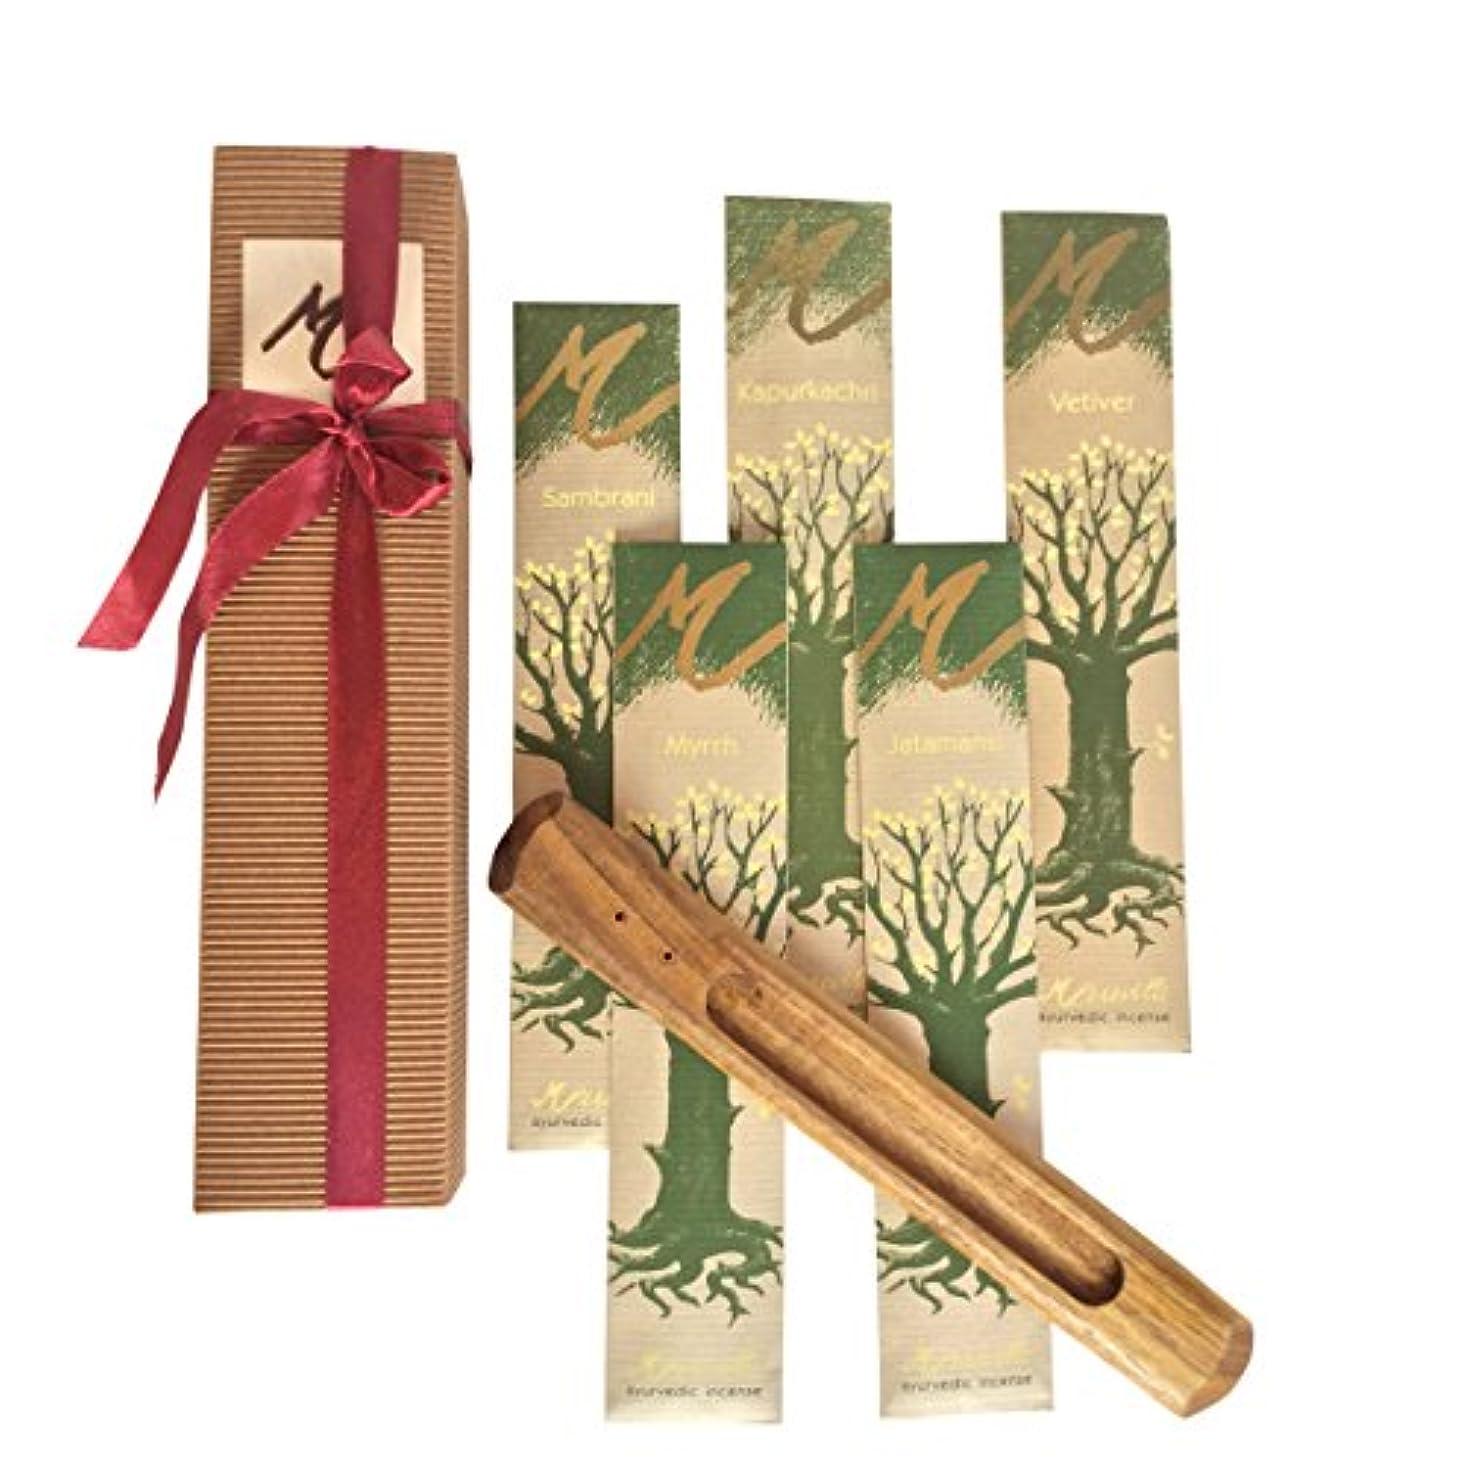 ガイドライン極端な第九プレミアムIncense Sticks , Ayurvedic Aromaticお香ギフトセットボックスには5種類のお香( Jatamansi、kapurkachuri、Myrrh、ベチバー、Sambrani )と木製スティックホルダー。GREAT GIFT IDEA